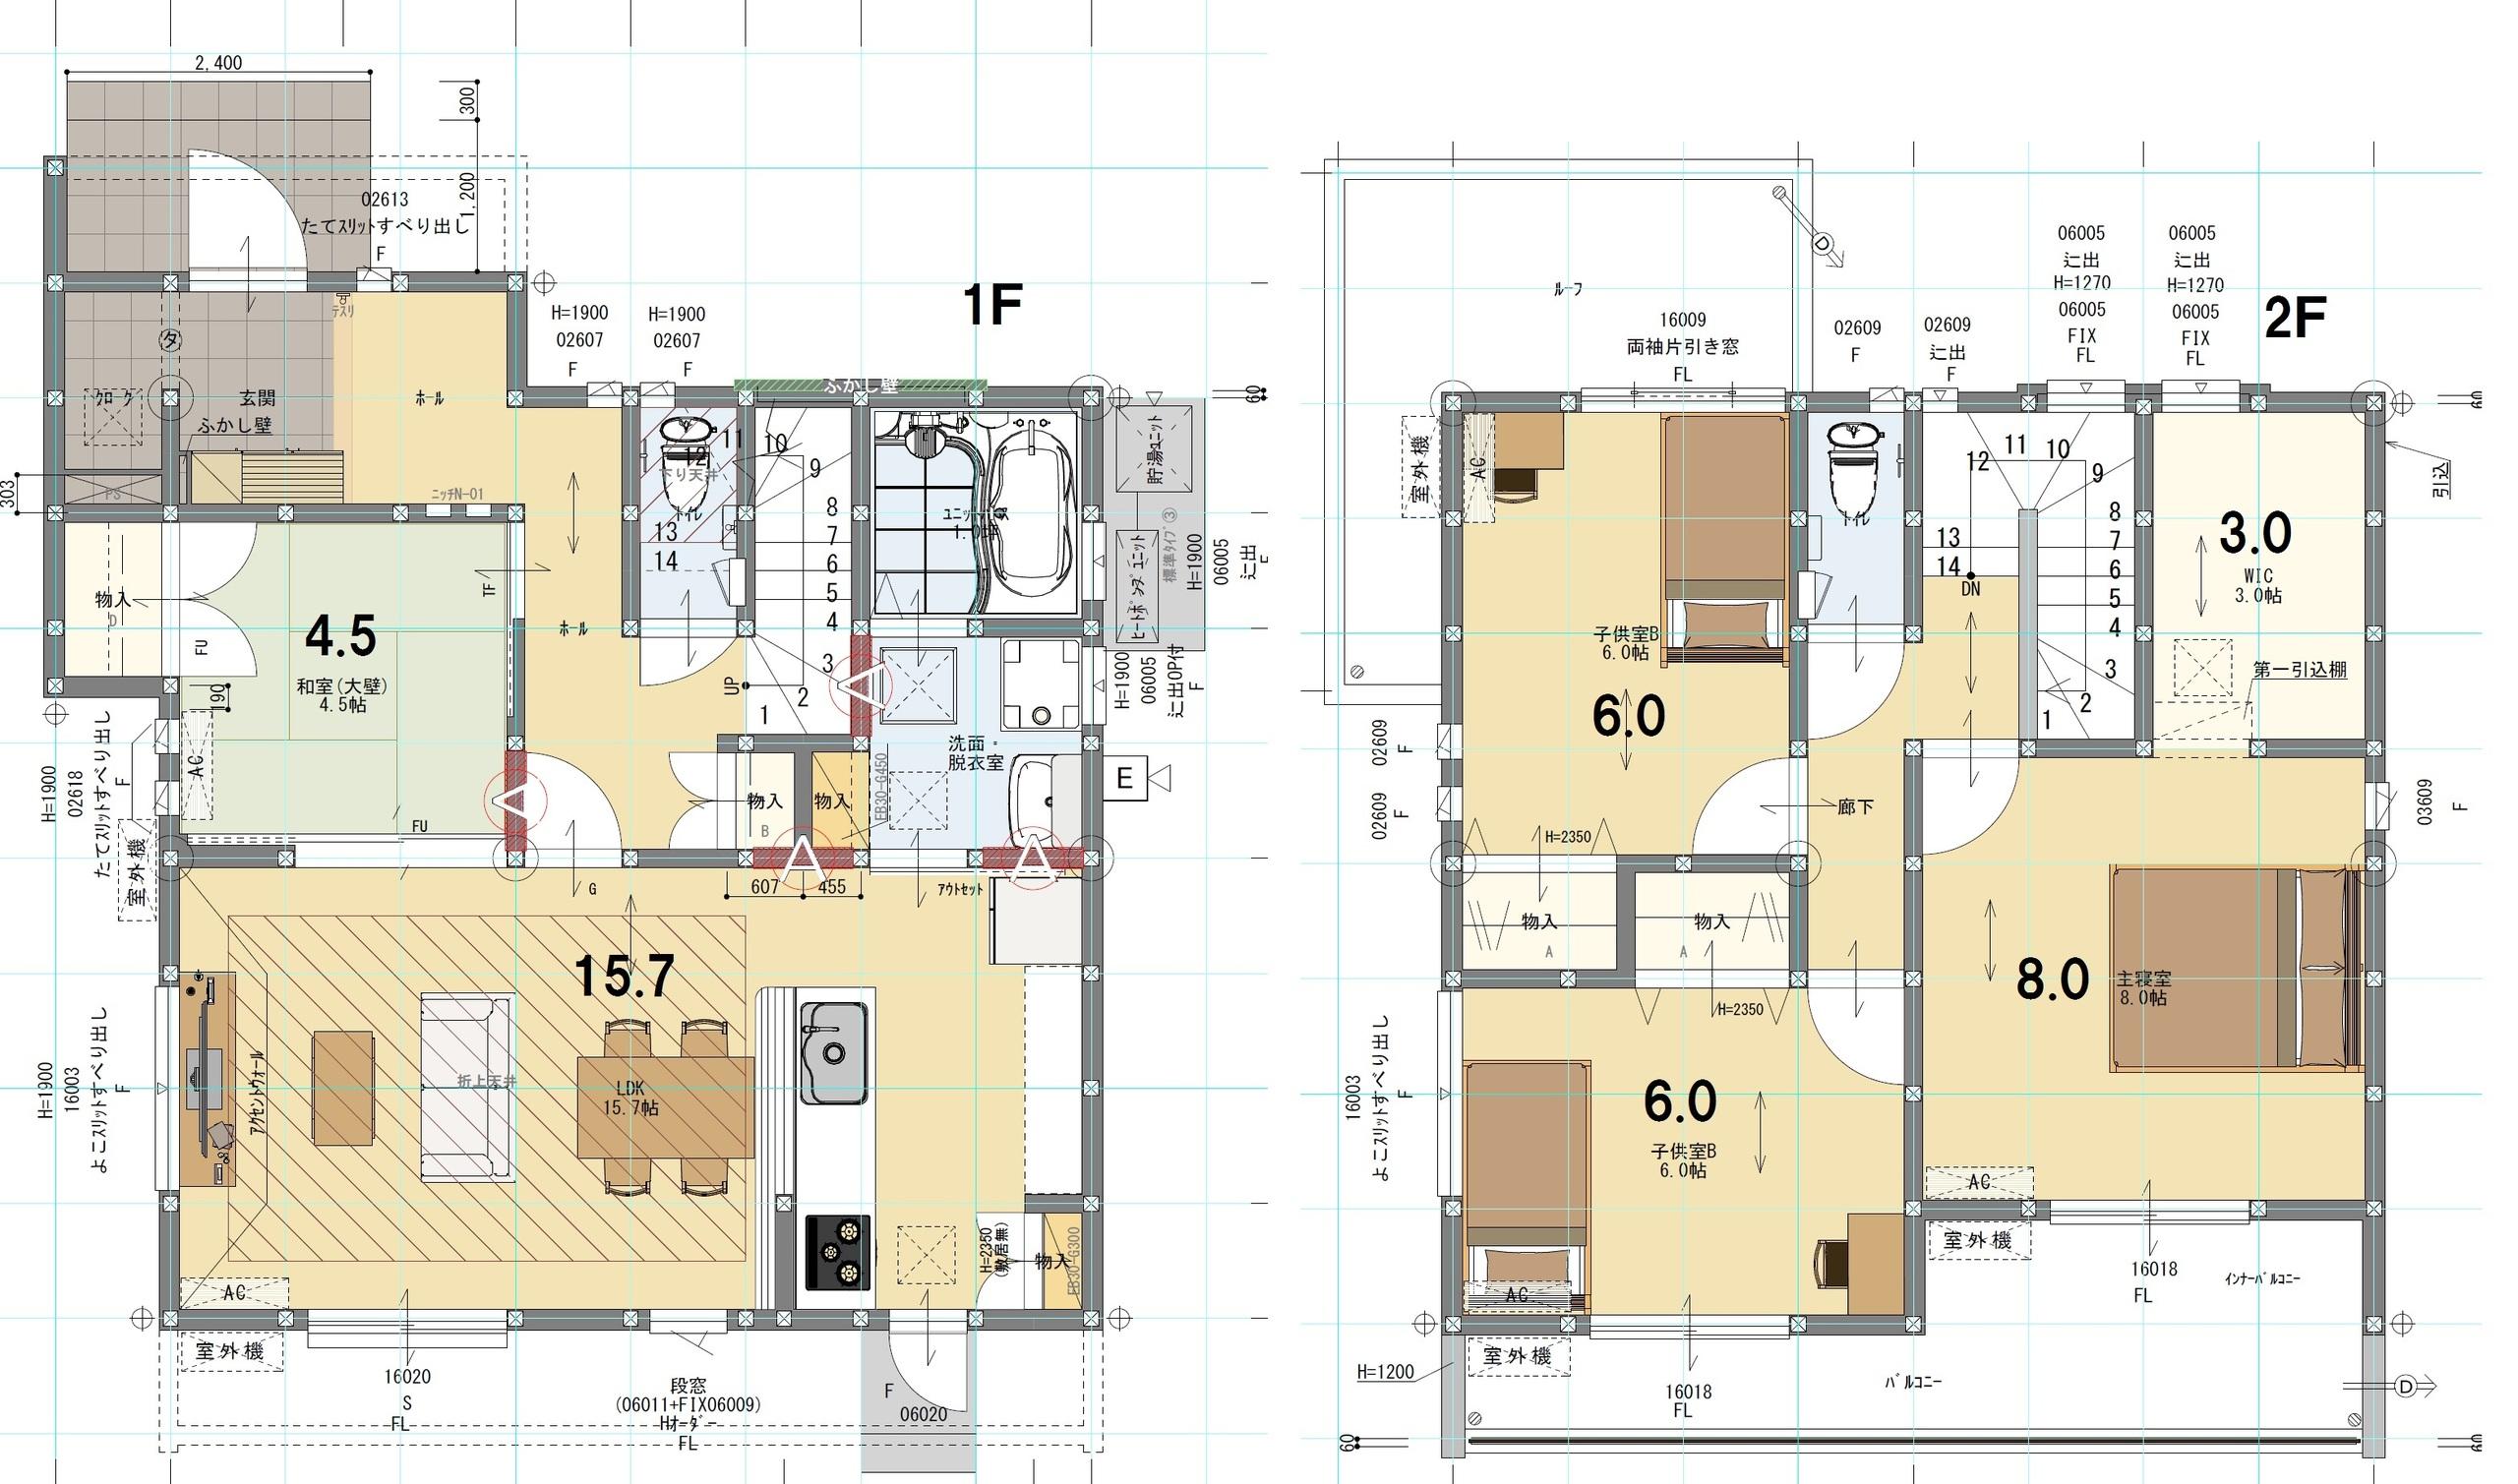 6号棟 4LDK+S 土地面積220.72㎡ 建物面積108.06㎡